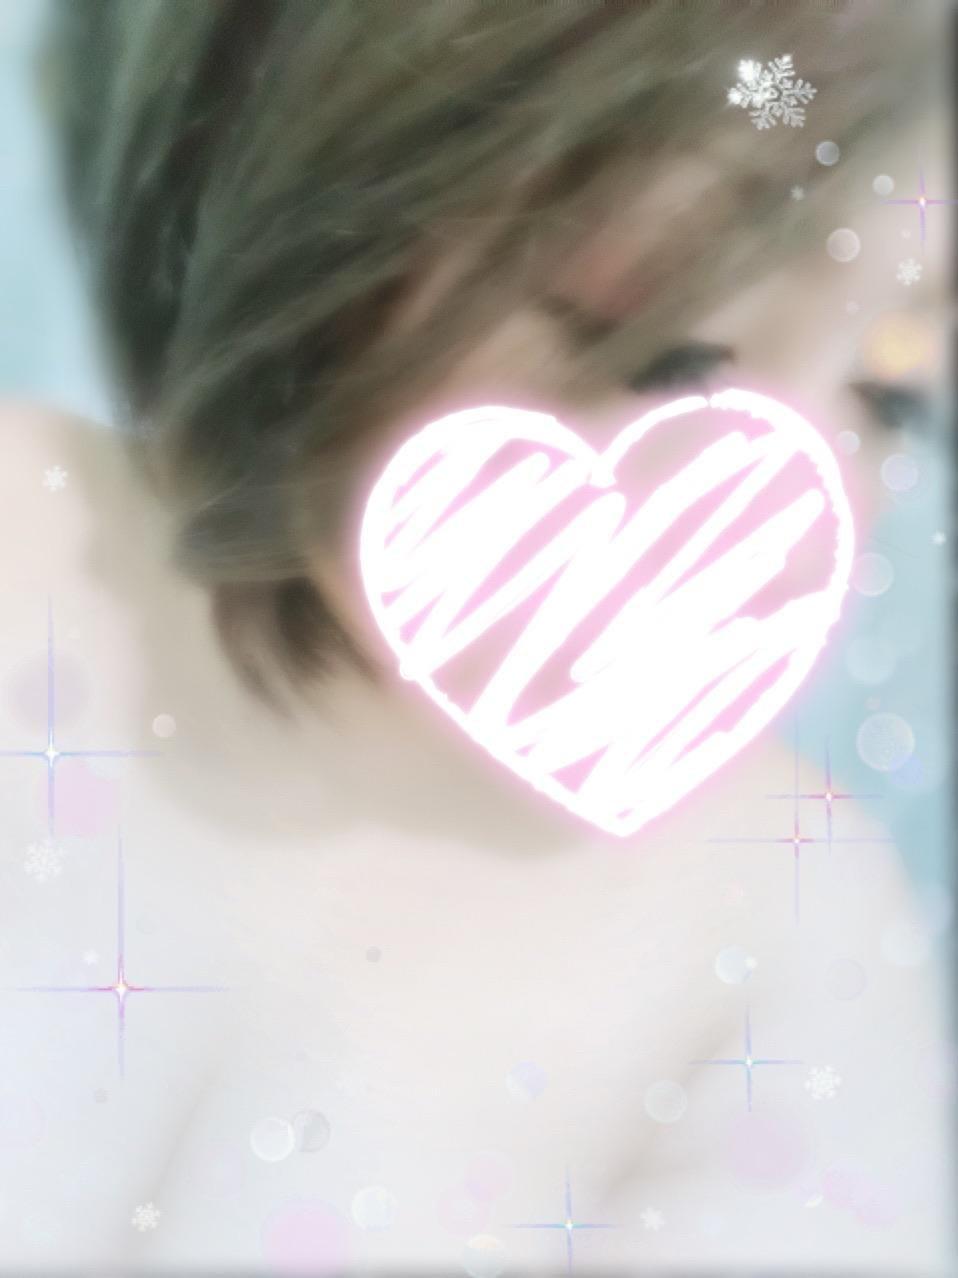 「☆★さきほど&終了★☆」11/26日(木) 06:55 | まどか『ぽっちゃりコース』の写メ・風俗動画